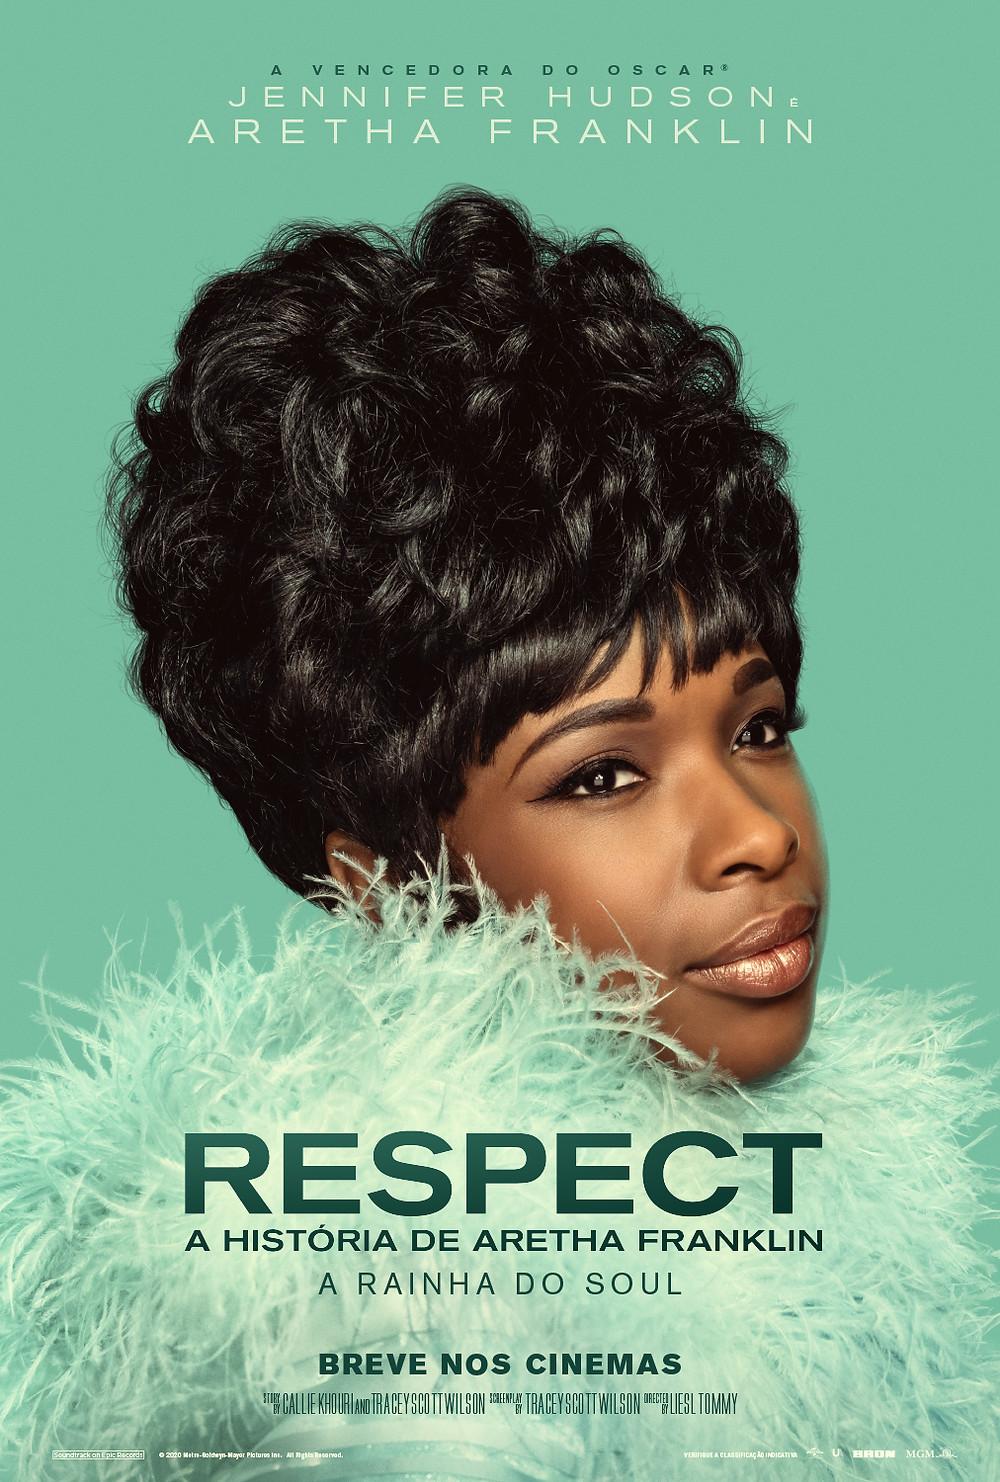 Cartaz do filme Respect: A História de Aretha Franklin (2020) | Divulgação (Universal Pictures)